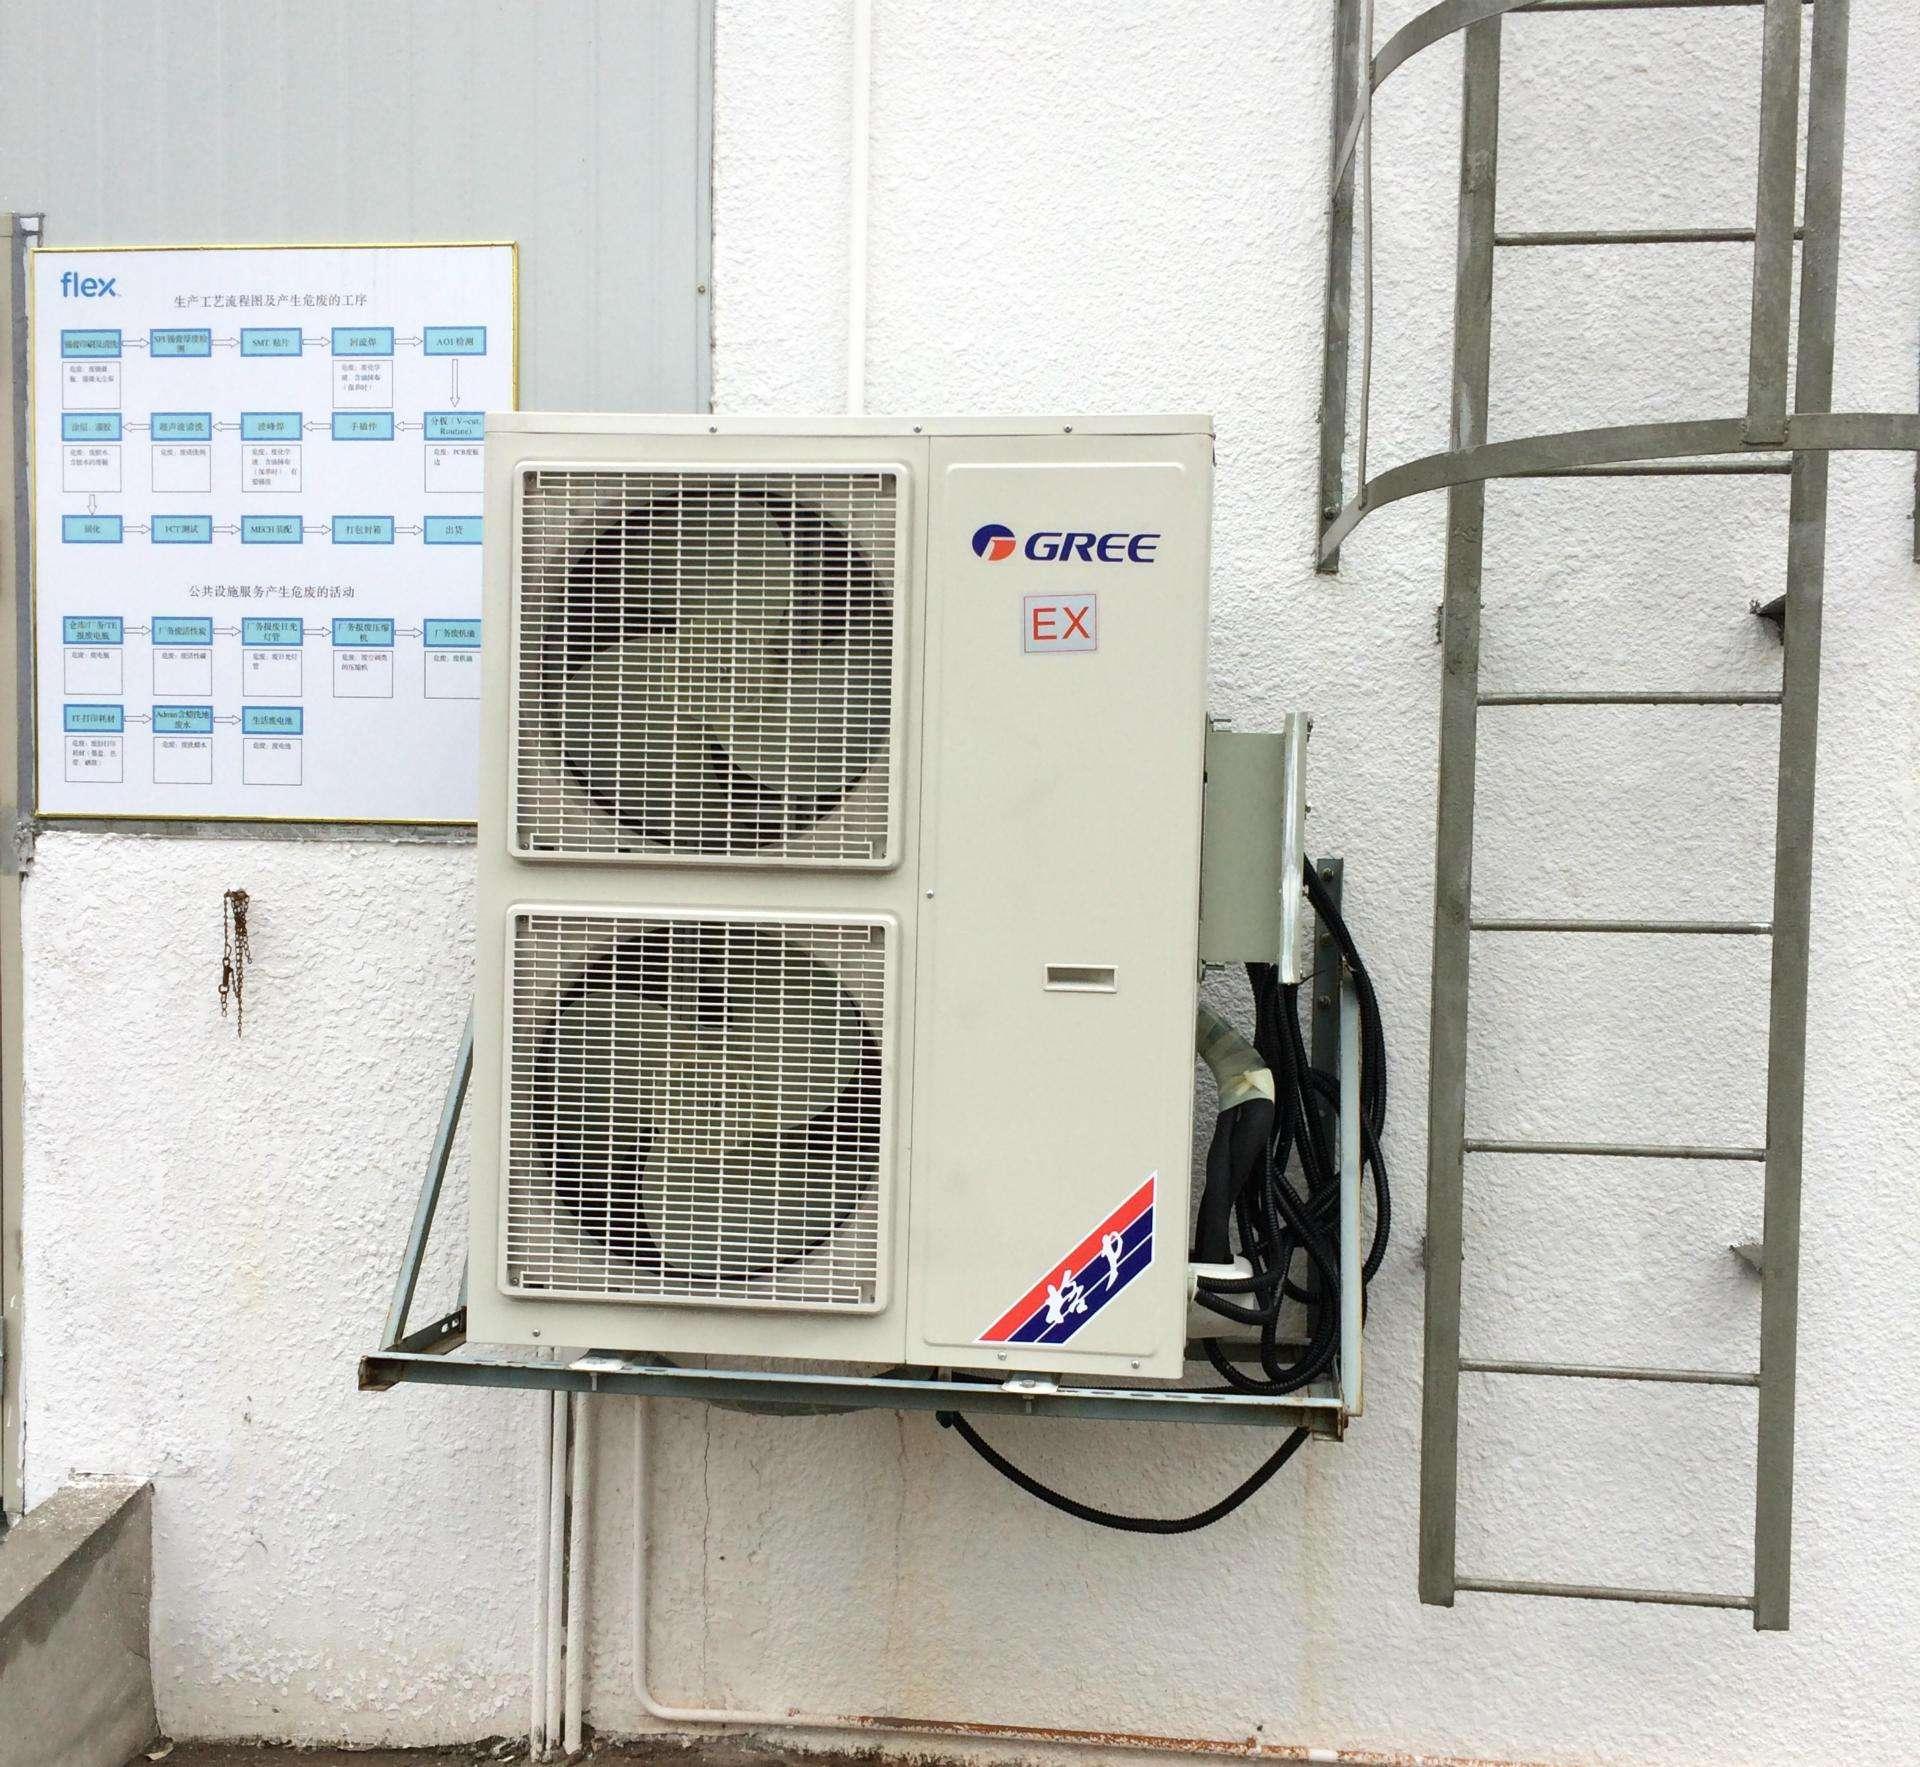 空调室外机接头结霜